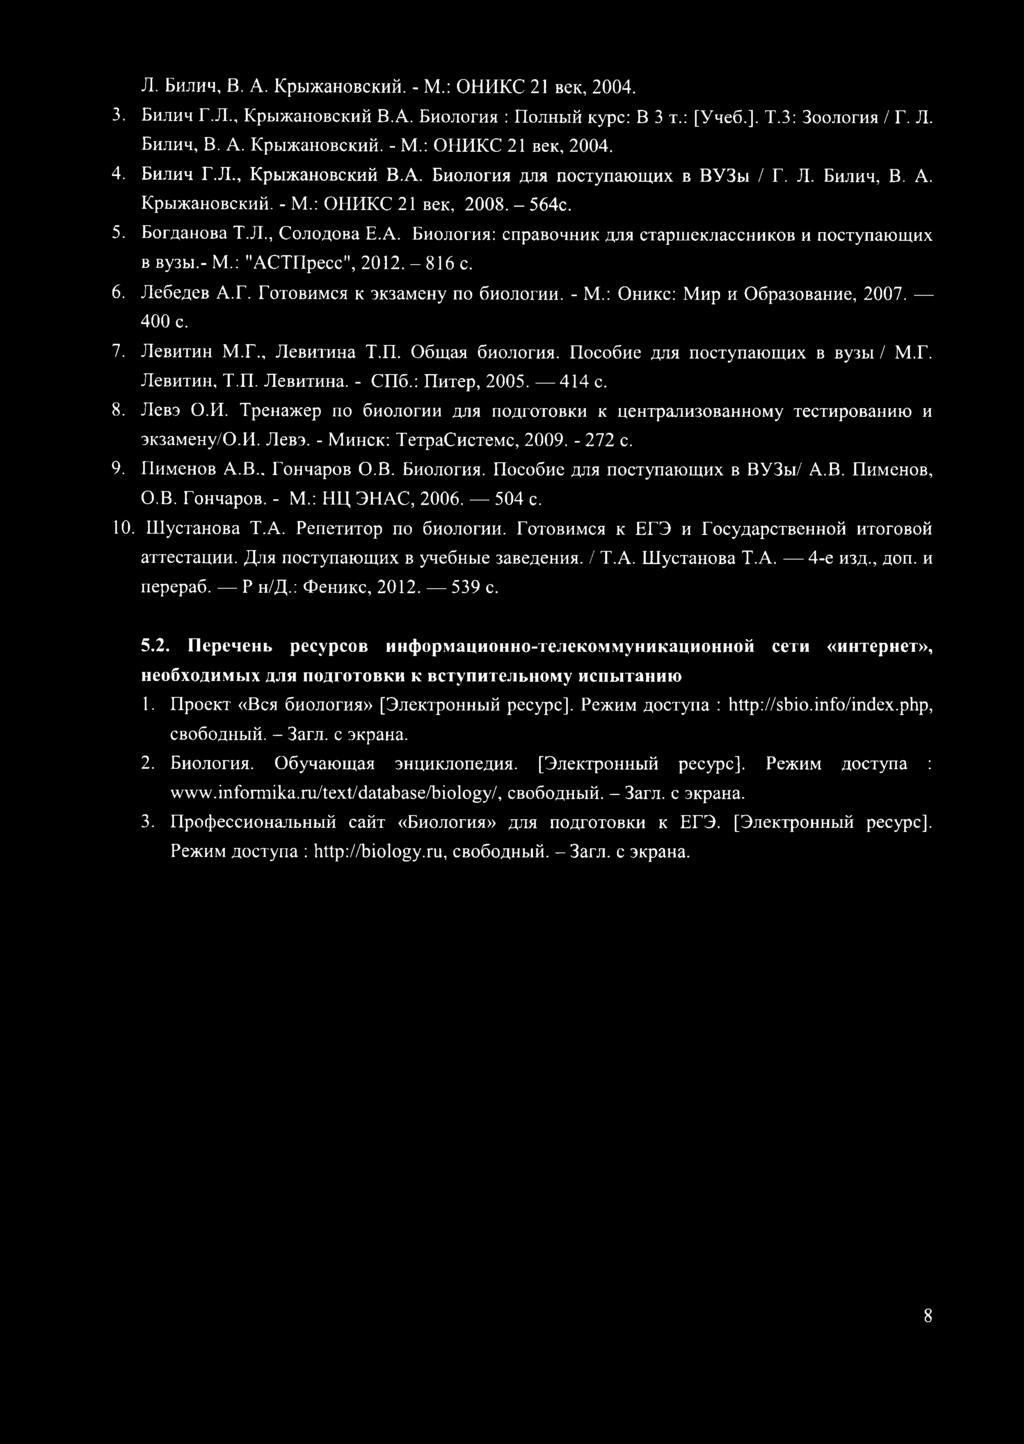 Формы изменчивости: модификационная, комбинативная, мутационная и их значение в онтогенезе и эволюции.